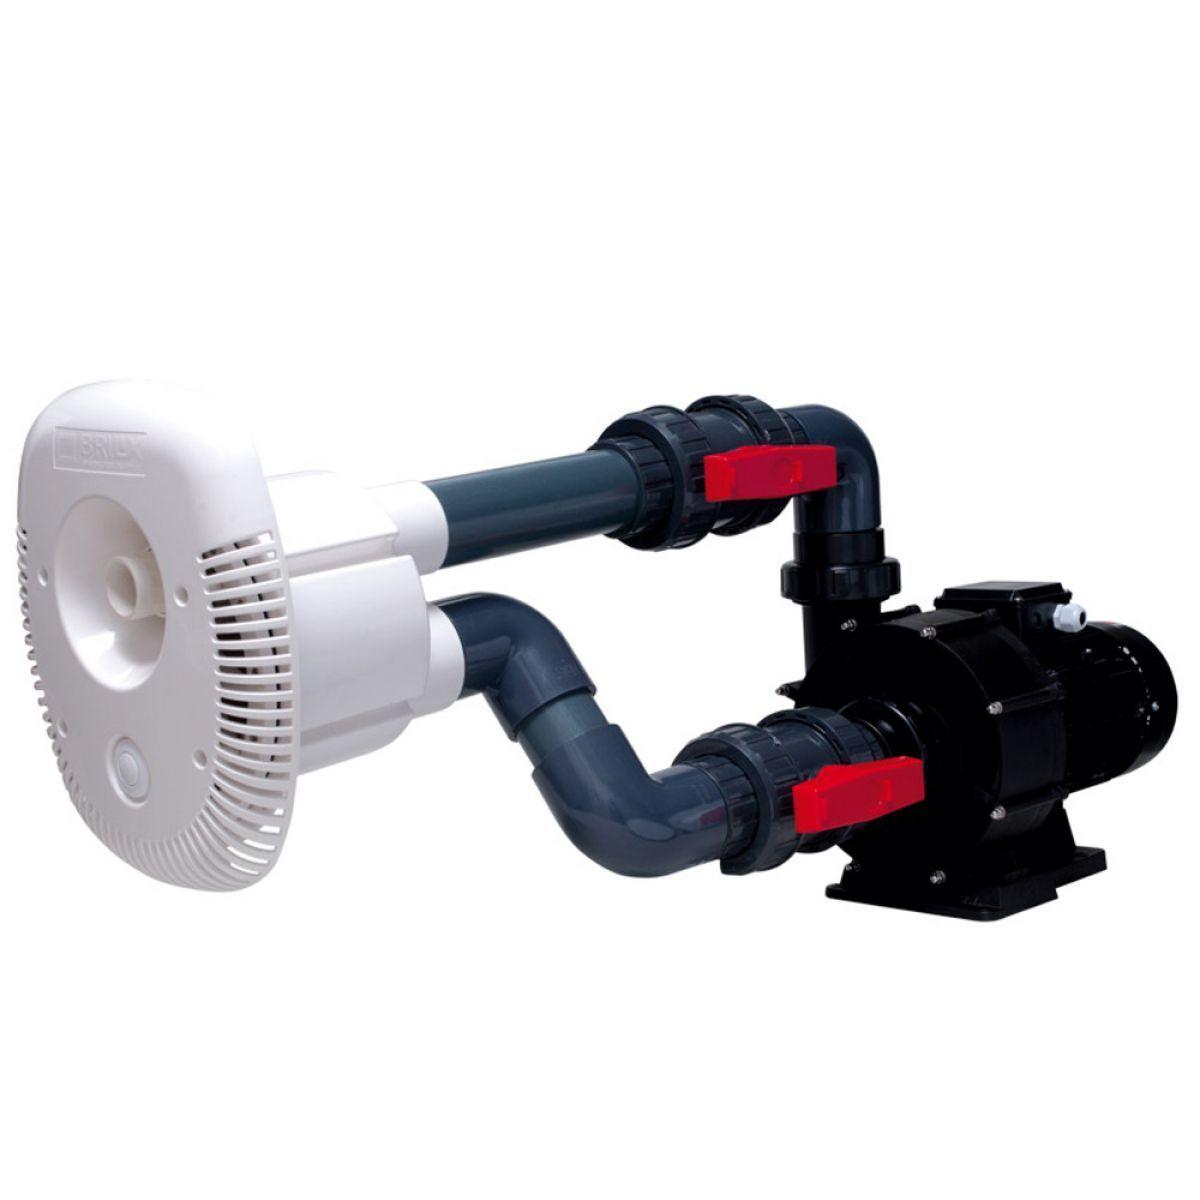 Gegenstromanlage Brilix Elegance 70  230 oder 400V Anlage Sofort Lieferbar